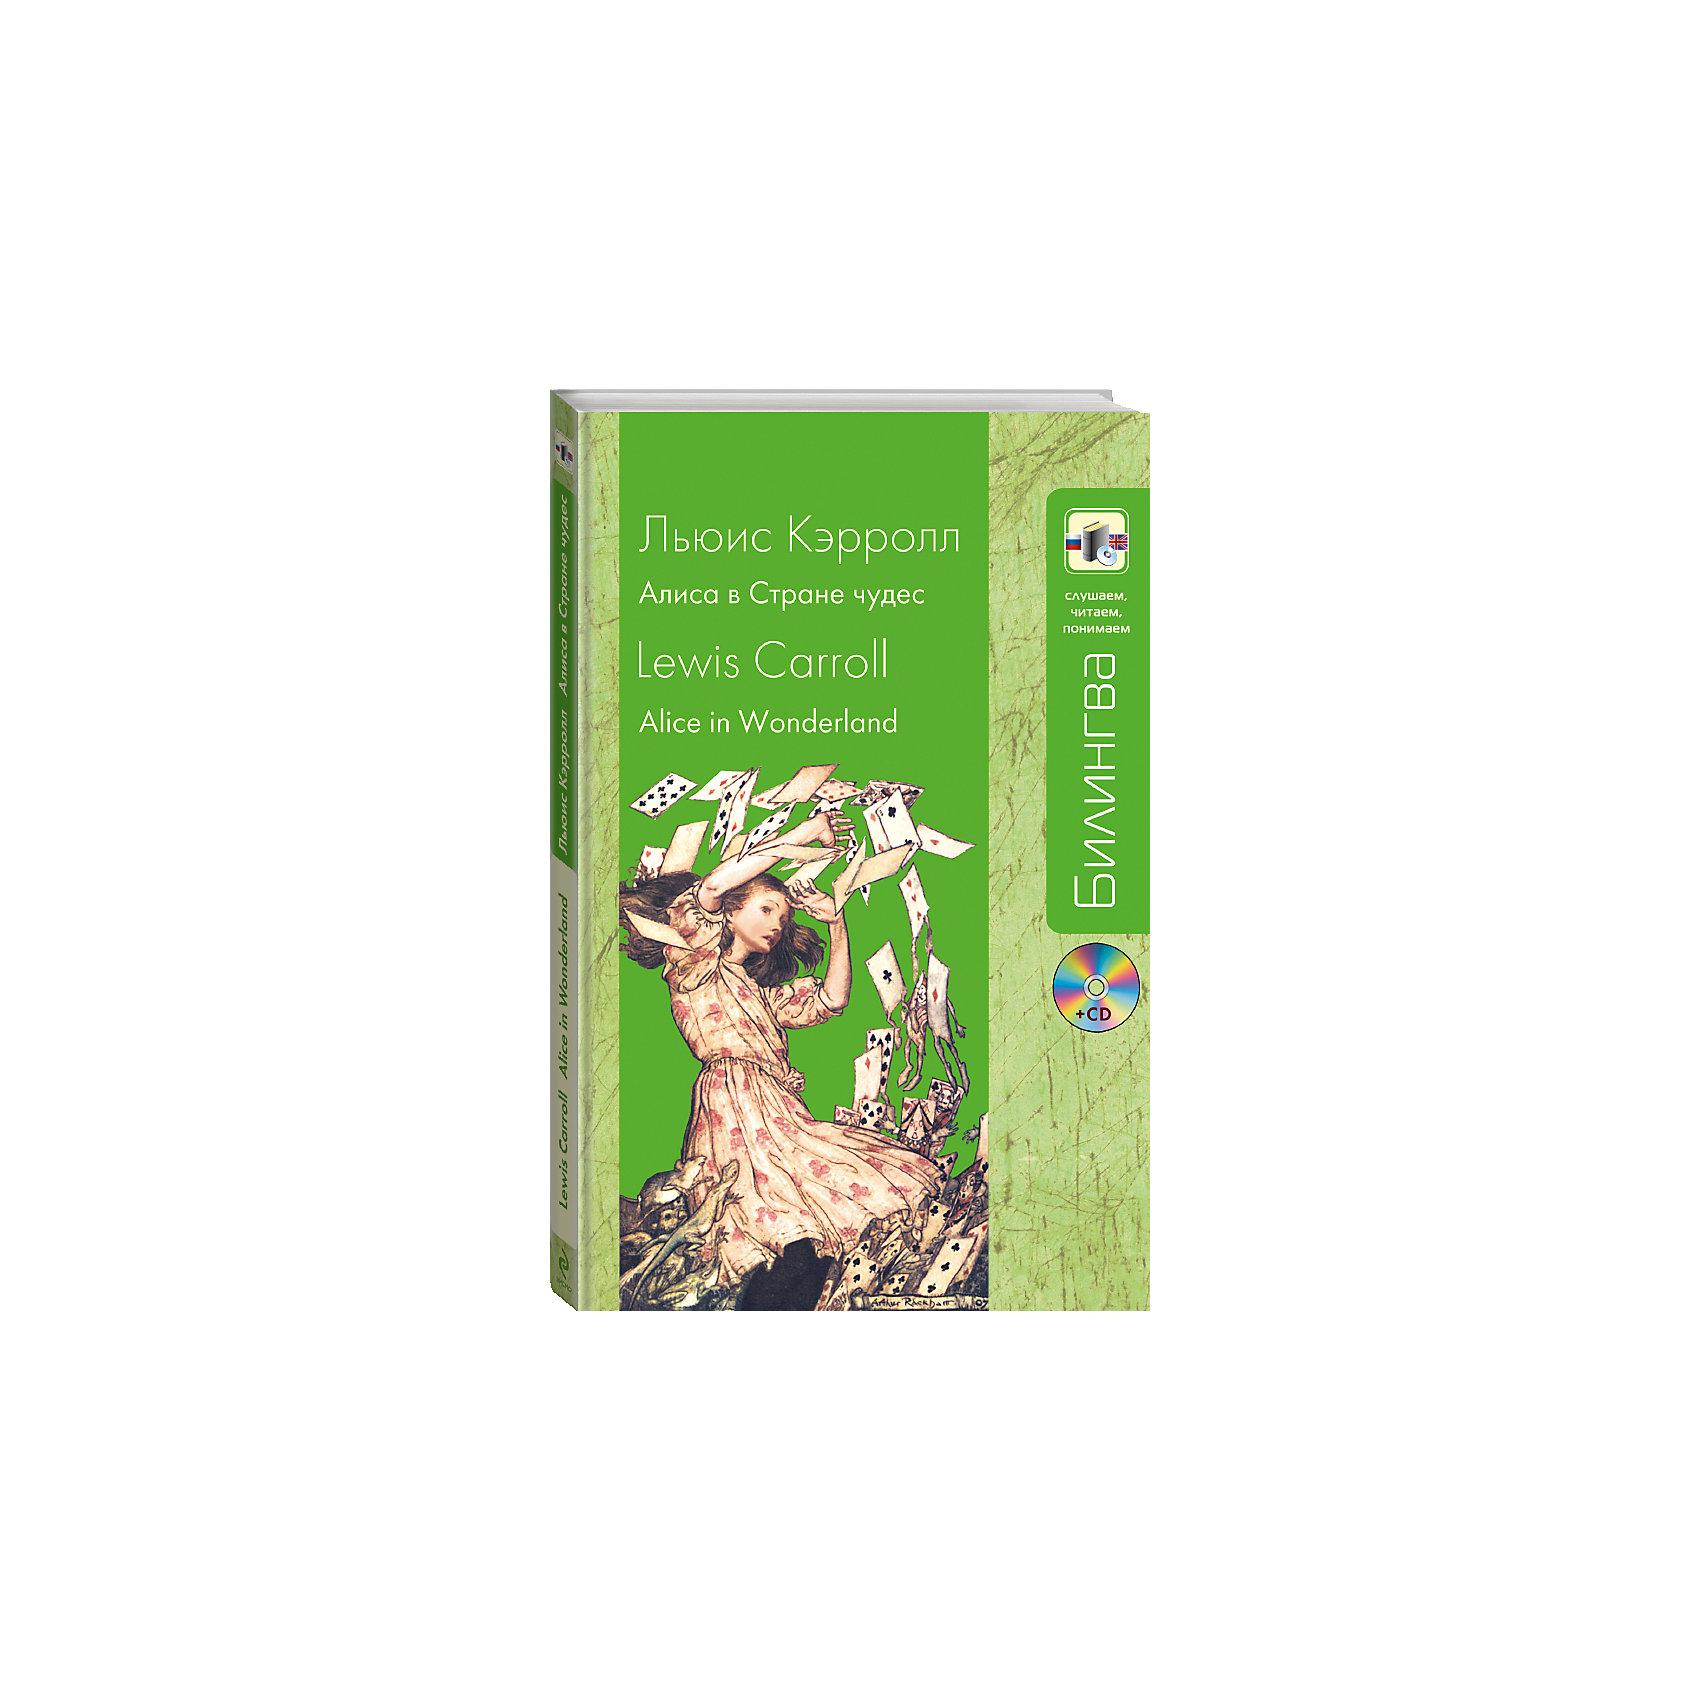 Алиса в Стране чудес + CDИностранный язык<br>Предлагаемый комплект из книги и аудиодиска поможет вам усовершенствовать знание английского языка. Вы сможете познакомиться с приключениями всеми любимой героини знаменитой сказки Льюиса Кэрролла на языке оригинала и улучшить навыки чтения, сравнивая английский текст с русским переводом. Для облегчения понимания текста и совершенствования знаний английского предлагаются упражнения и словарь.<br>      Аудиодиск с записью оригинального текста, словарь, упражнения помогут развить навыки восприятия на слух английской речи. Также вы сможете прослушать сказку и на русском языке в классическом переводе и сопоставить английскую и русскую версии.<br>      Книга предназначена старшим школьникам, абитуриентам, студентам, преподавателям, а также всем, кто изучает английский язык самостоятельно.<br><br>Ширина мм: 210<br>Глубина мм: 130<br>Высота мм: 20<br>Вес г: 162<br>Возраст от месяцев: 72<br>Возраст до месяцев: 144<br>Пол: Унисекс<br>Возраст: Детский<br>SKU: 6878021